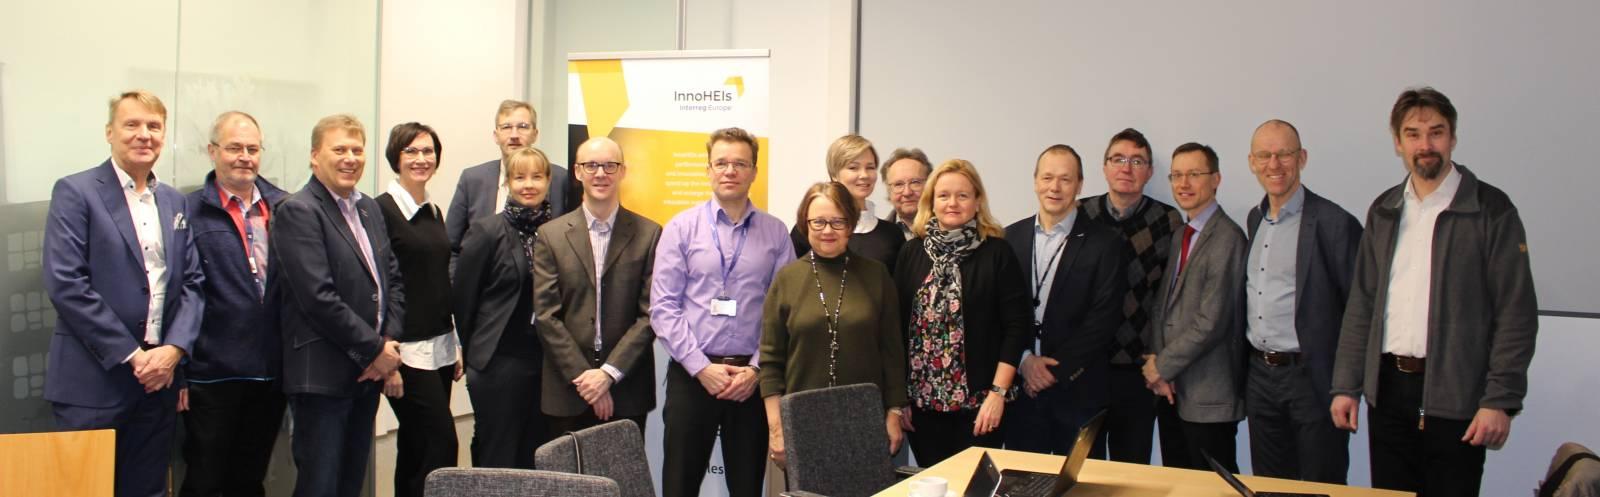 InnoHEIs-hankkeen sidosryhmätapaaminen 21.1.2020